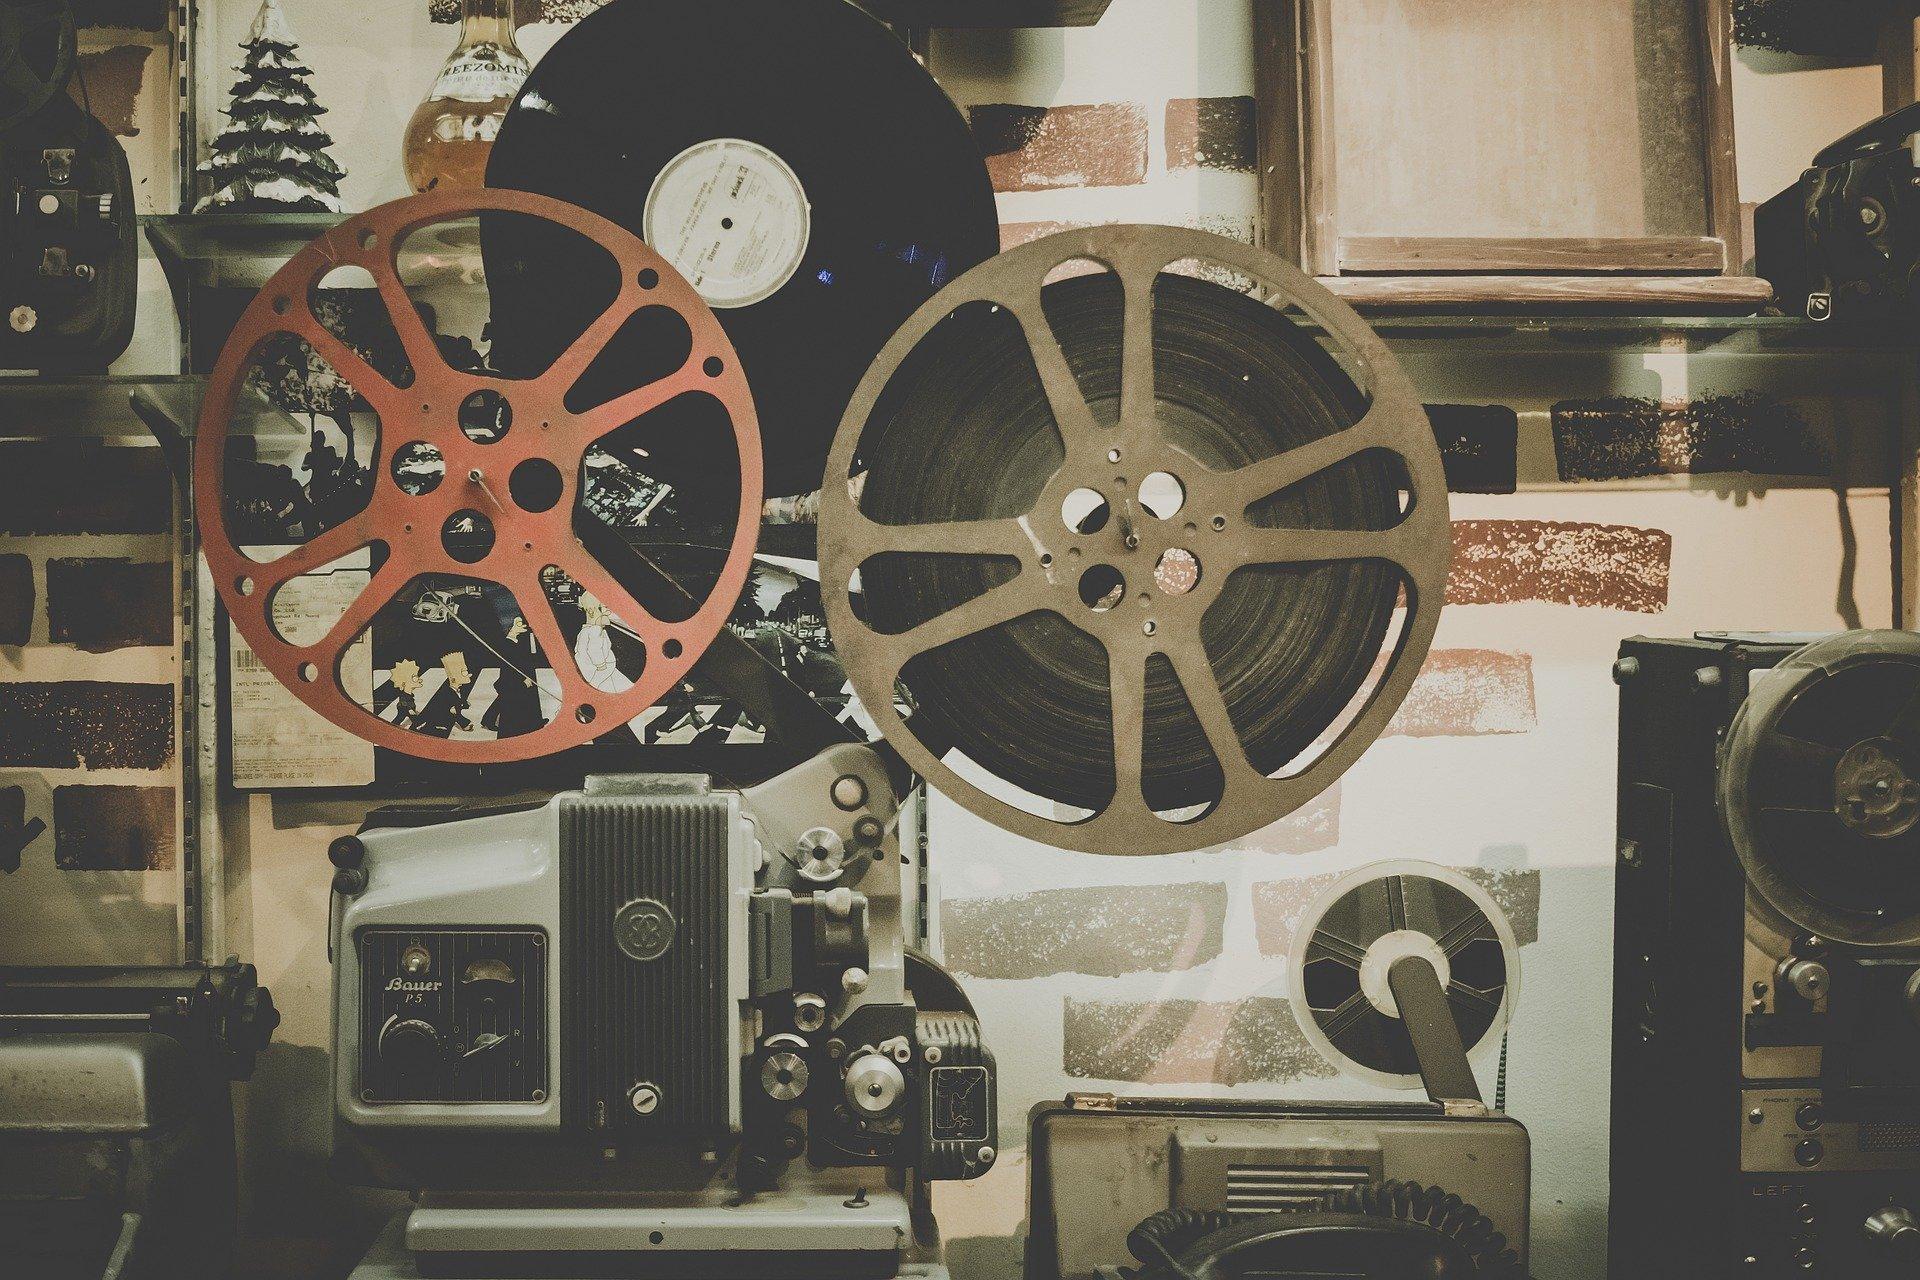 des rouleaux de films qui sont utiliser dans les studios de films